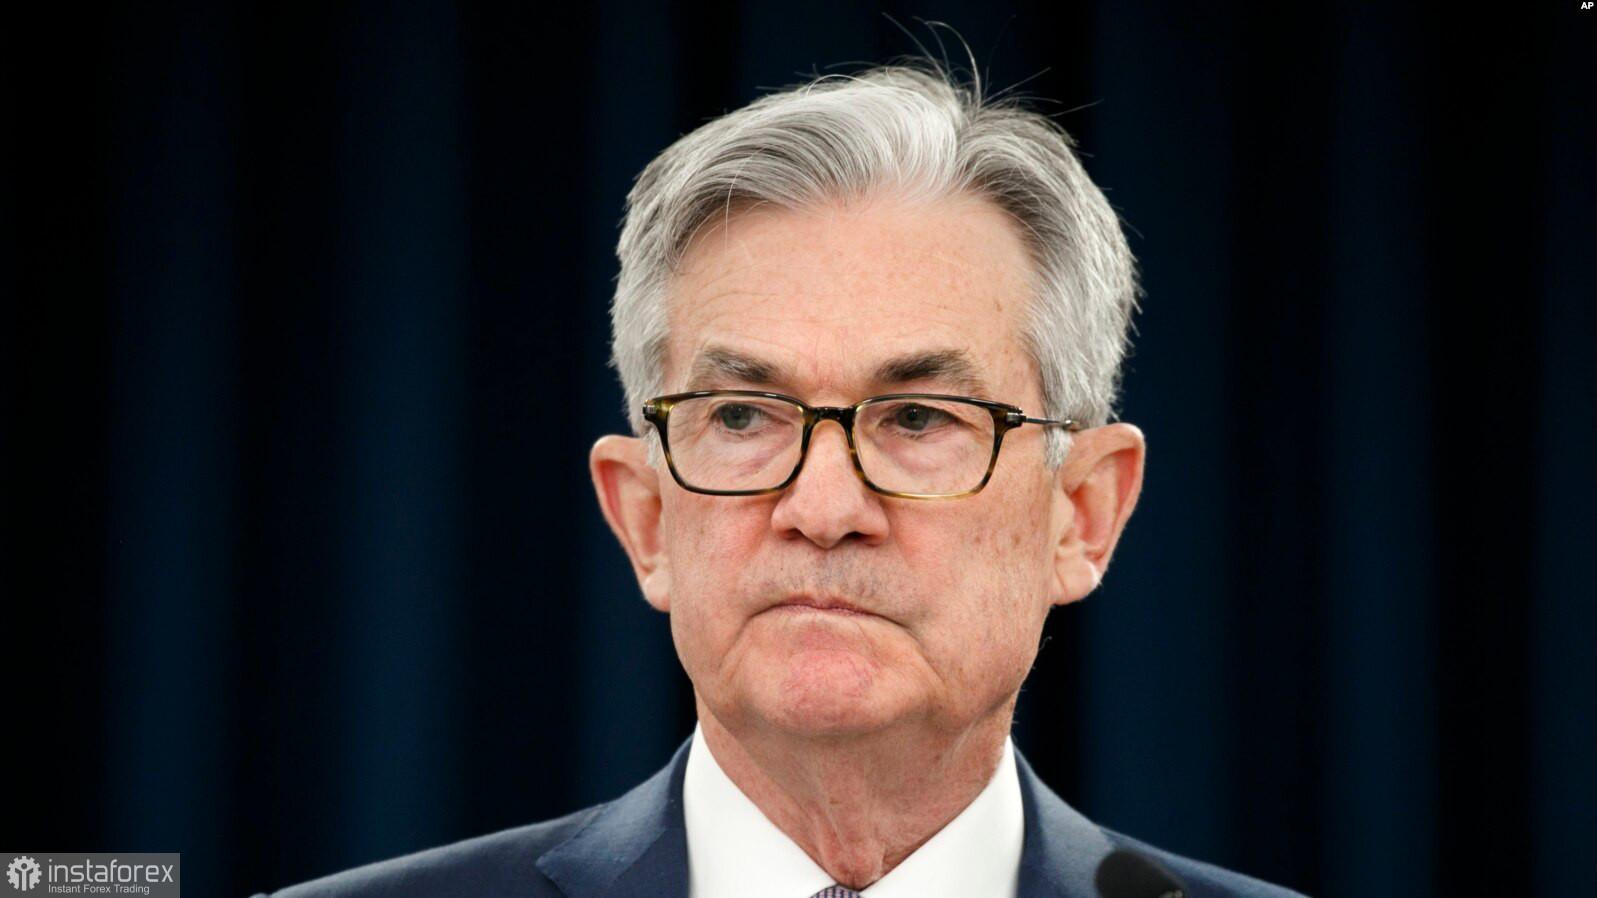 Что ждет ФРС, если Джером Пауэлл уйдет?